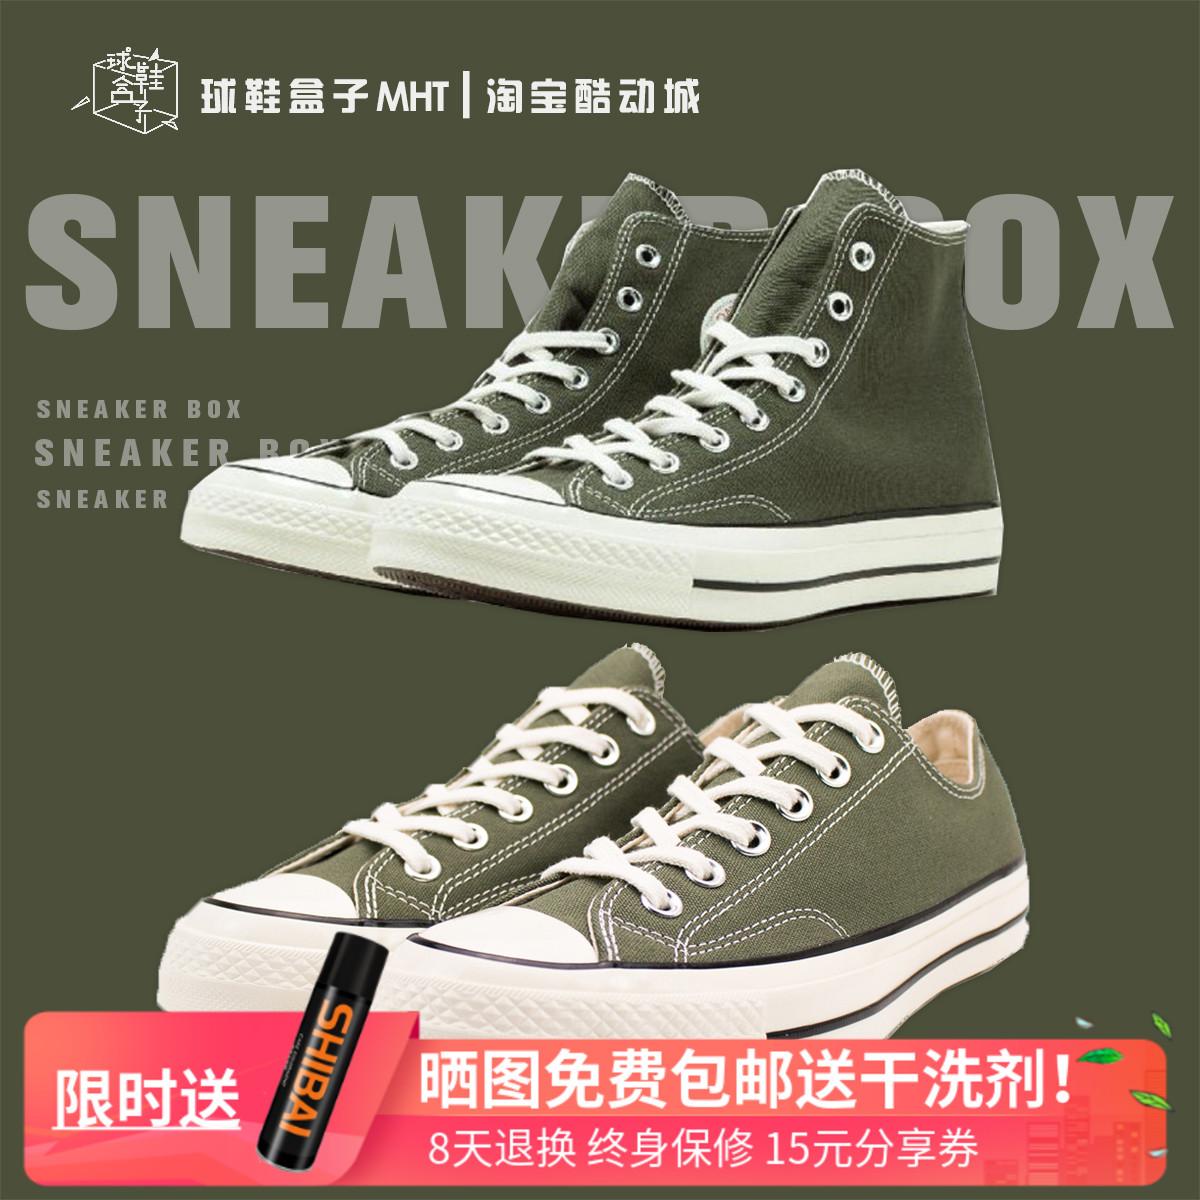 绿色运动鞋 Converse 1970s 男女三星标军绿色帆布高低帮休闲运动板鞋162052_推荐淘宝好看的绿色运动鞋